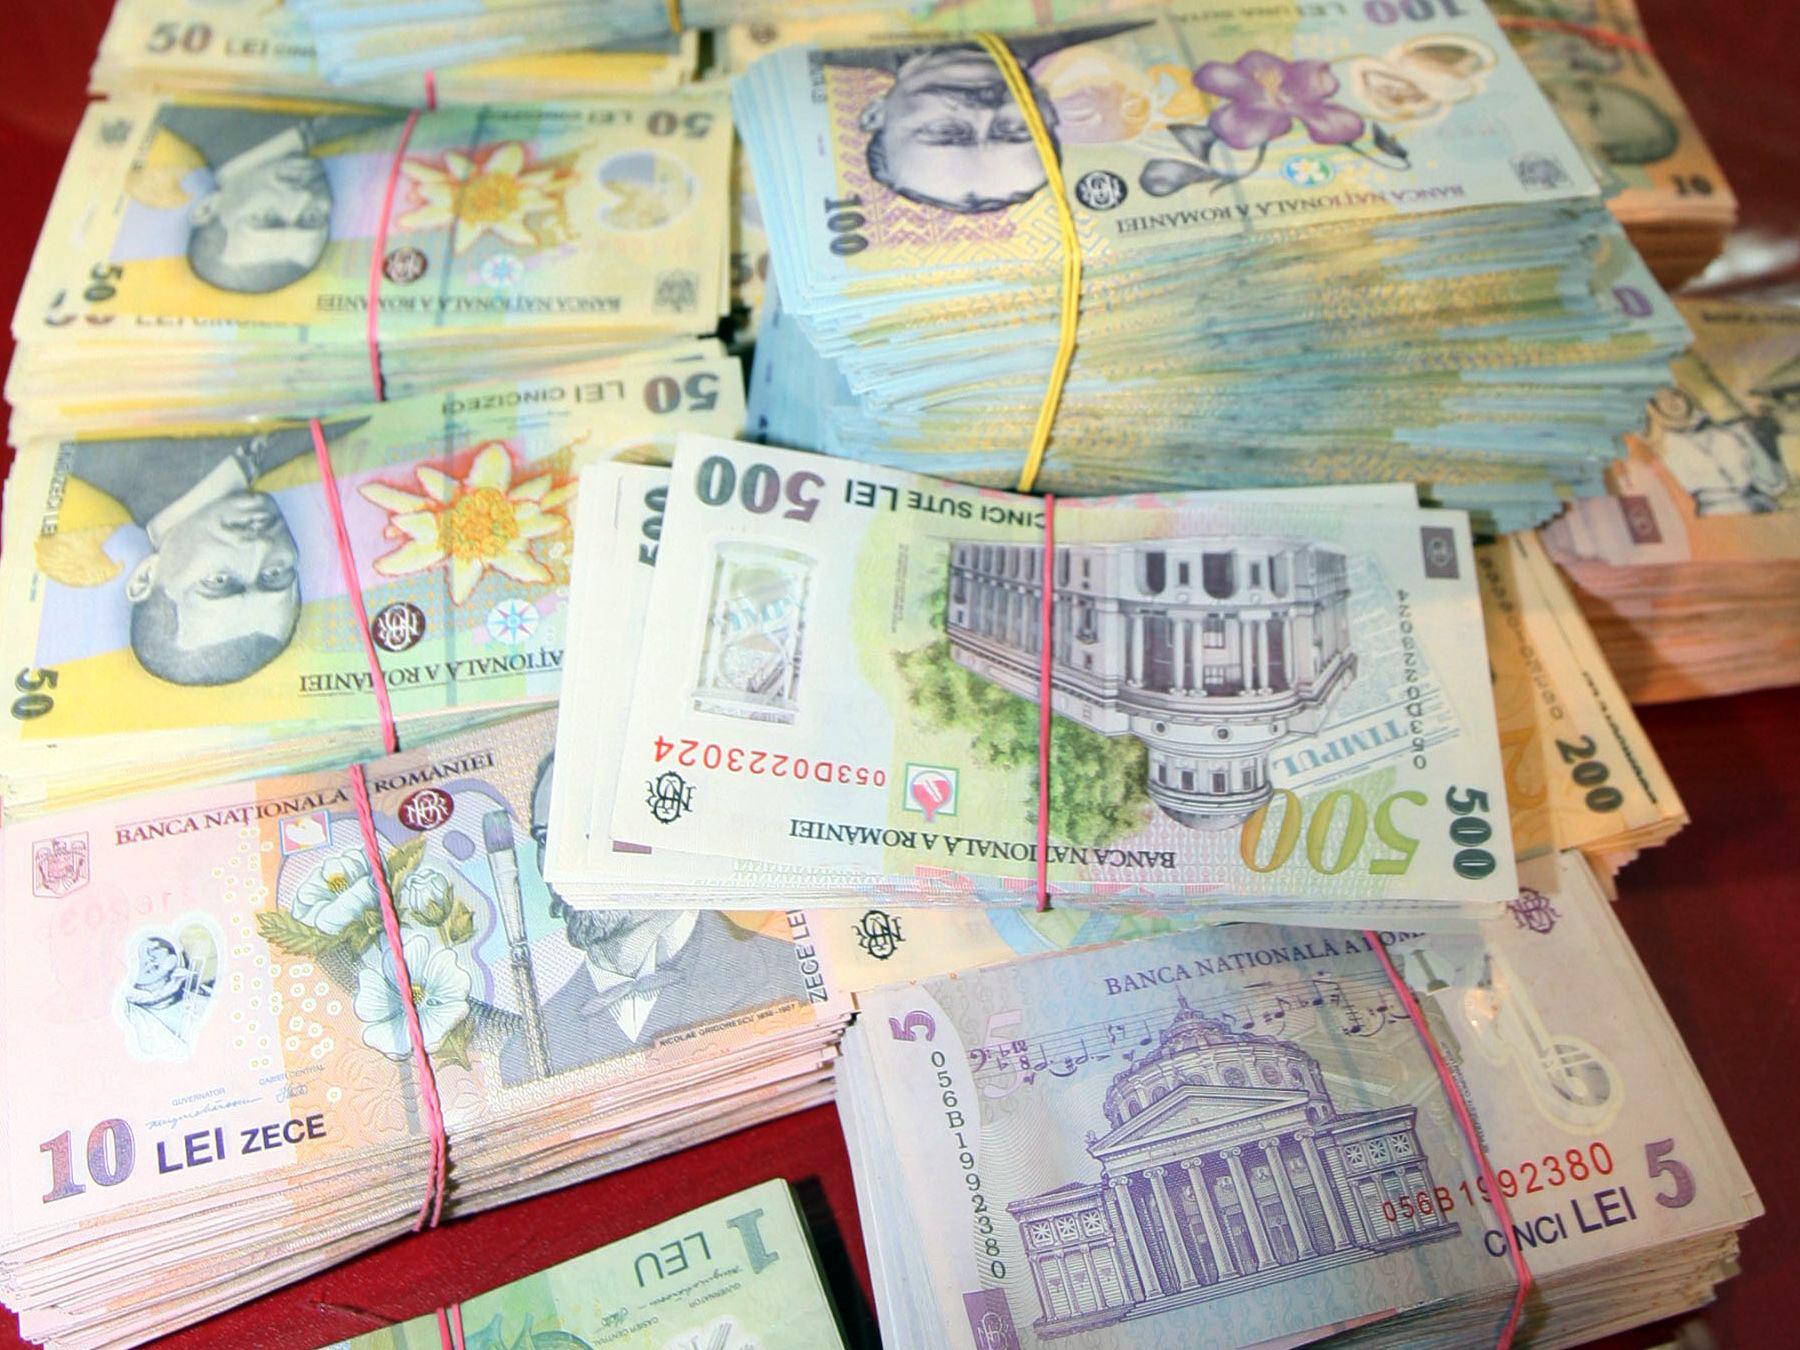 Atentie la cash! Limitari la platile si incasarile efectuate dupa 9 mai 2015!